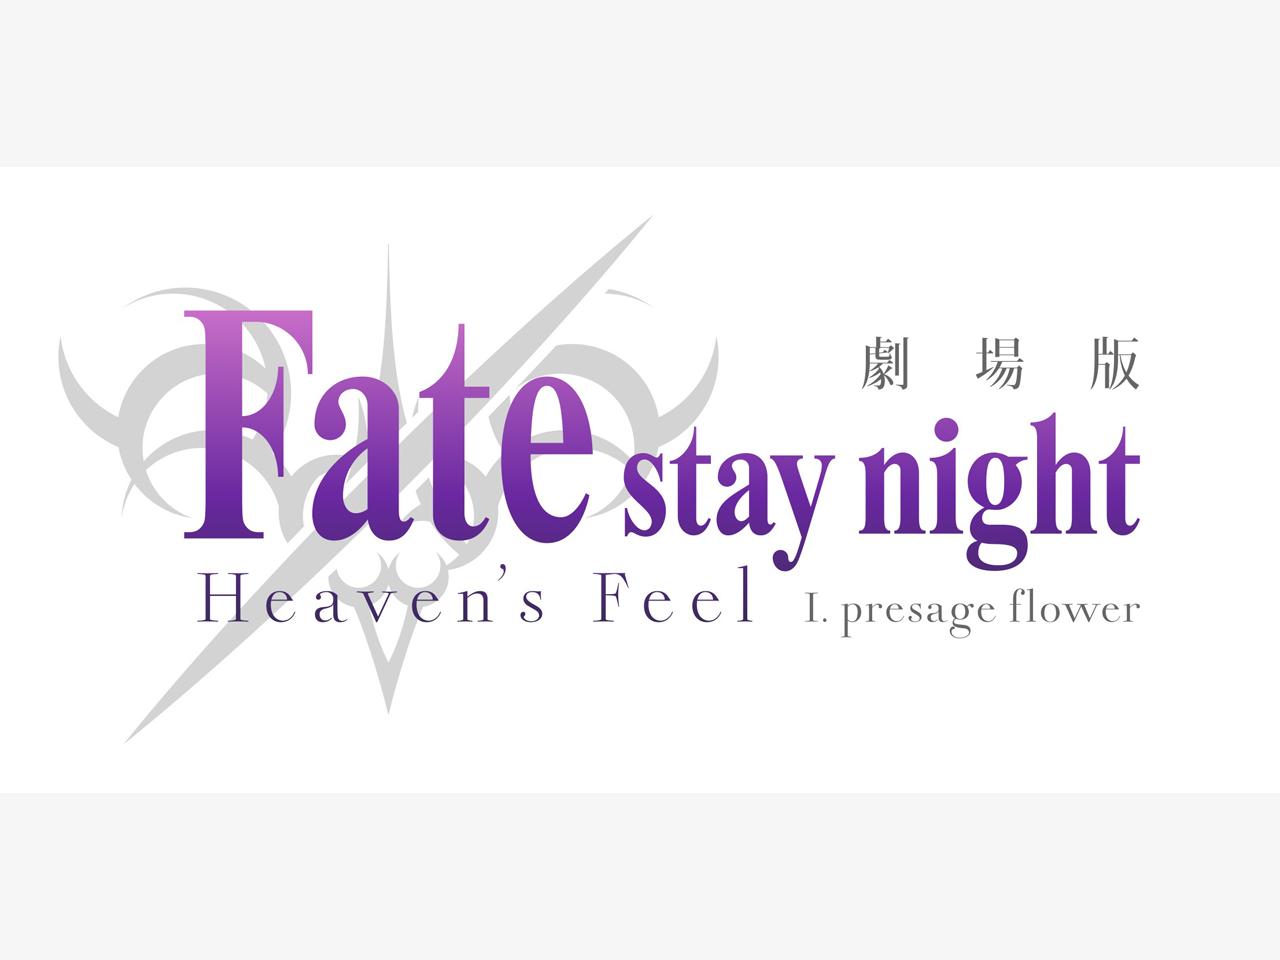 劇場版「Fate/stay night [Heaven's Feel]」本作の魅力に迫る特番、9月30日より全国20局にて放送決定!